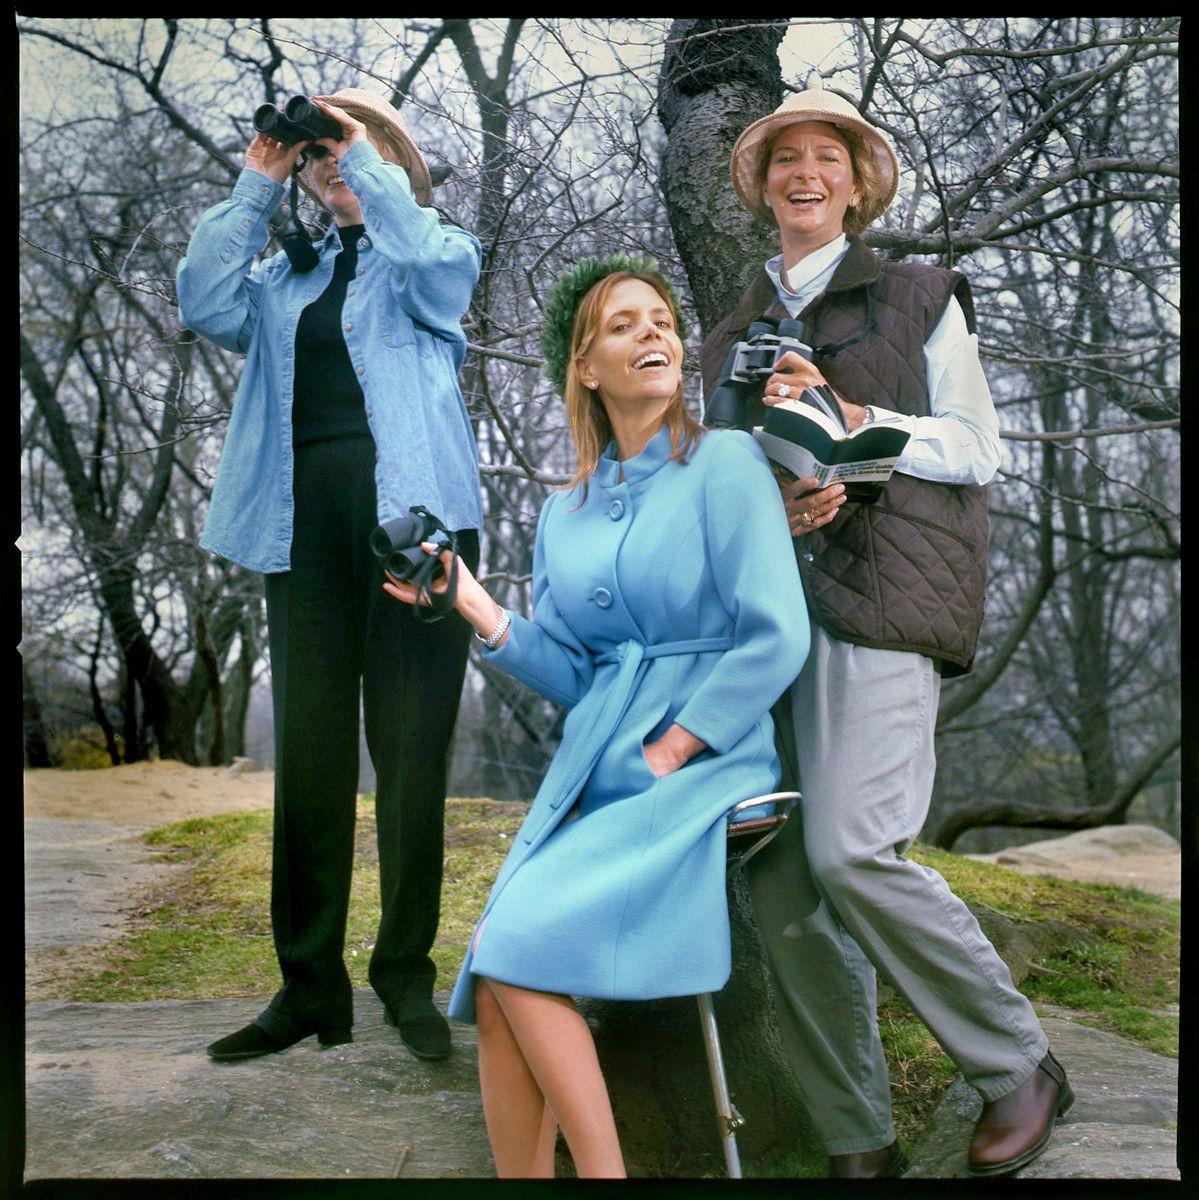 SUSIE HILFIGER, FASHION DESIGNER, WITH BIRD-WATCHER FRIENDS